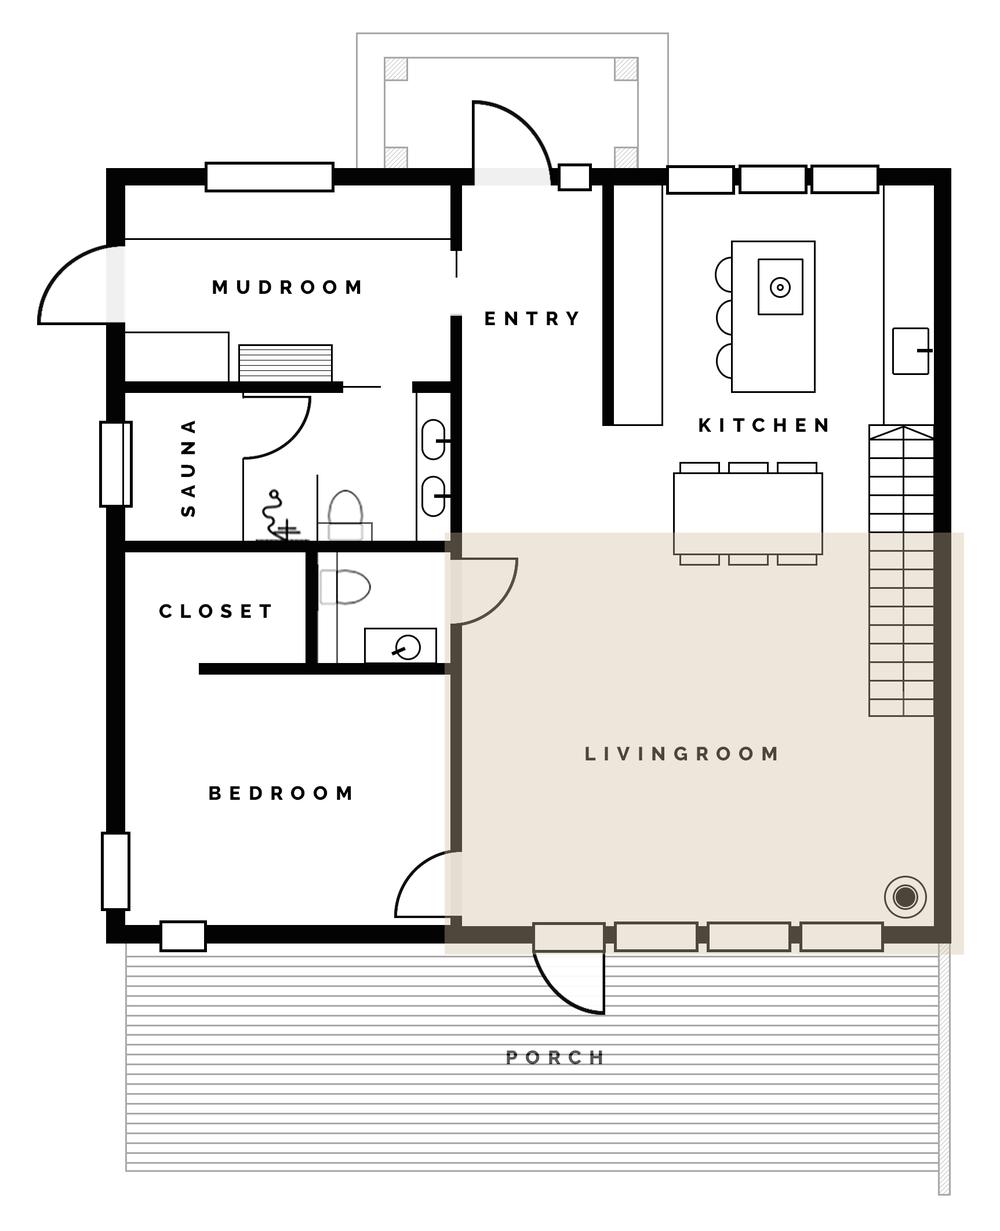 Vardagsrumsplanering – Planlösning – Vi bygger hus! – By Sandramaria